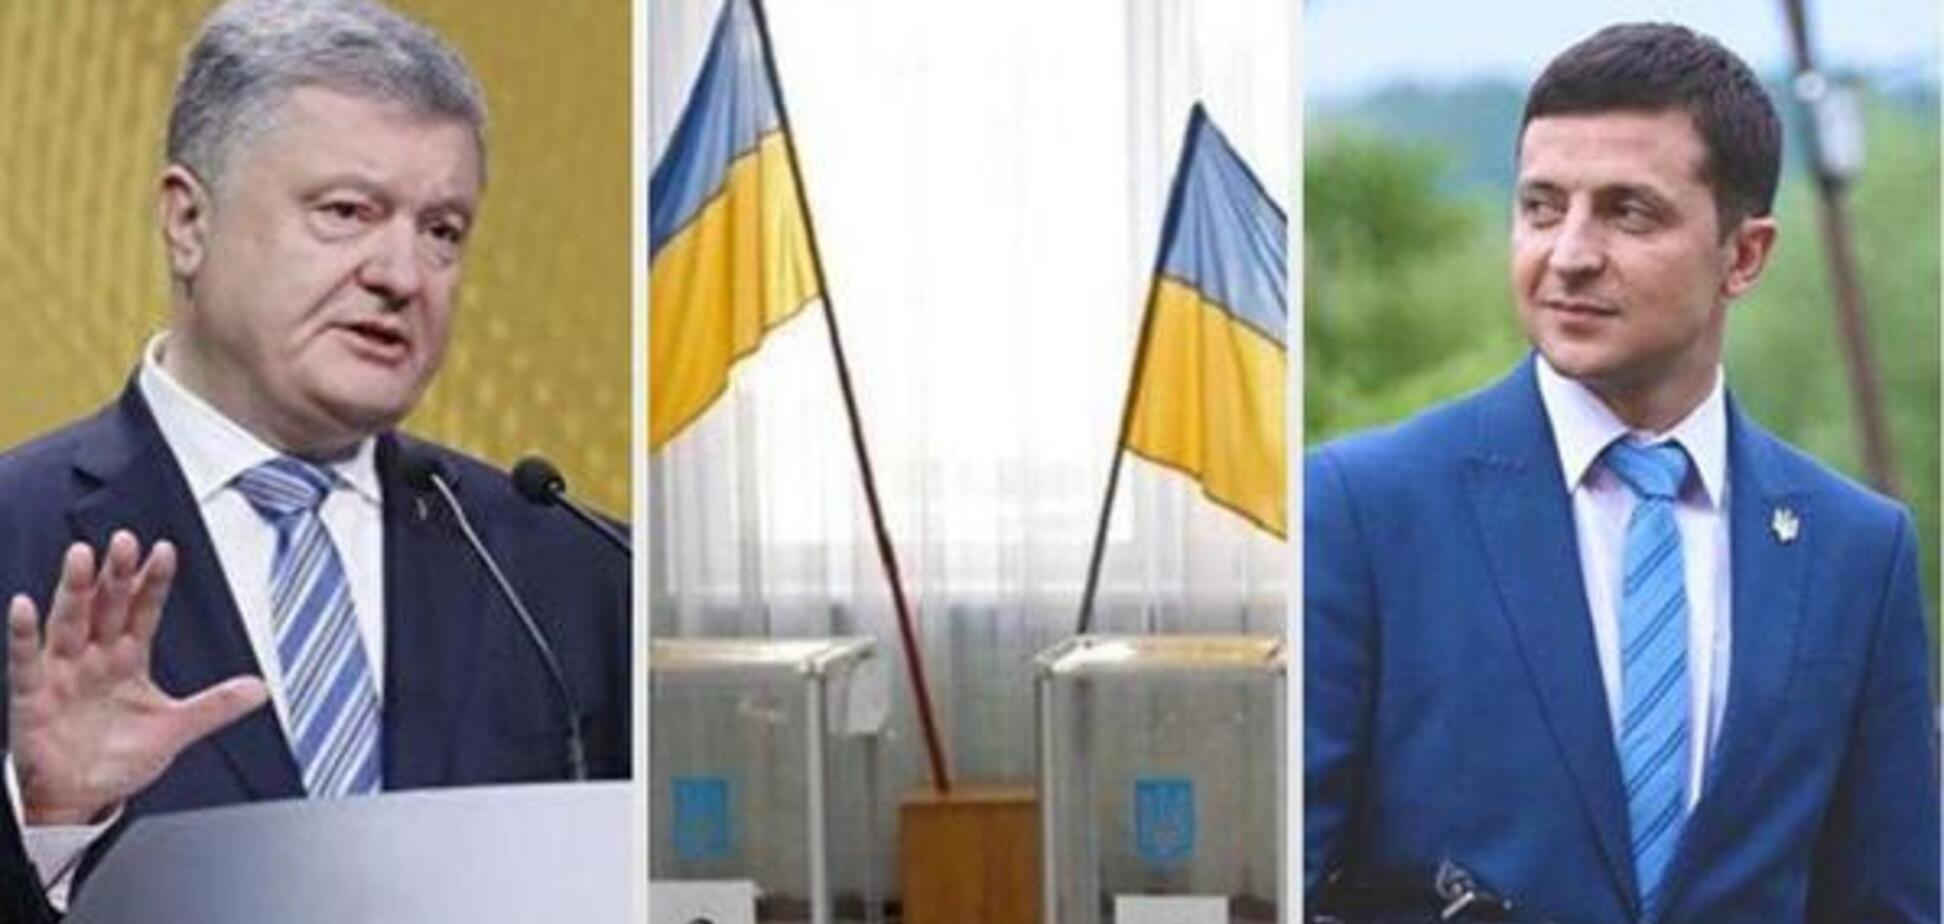 Зеленський vs Порошенко: став відомий переможець виборів